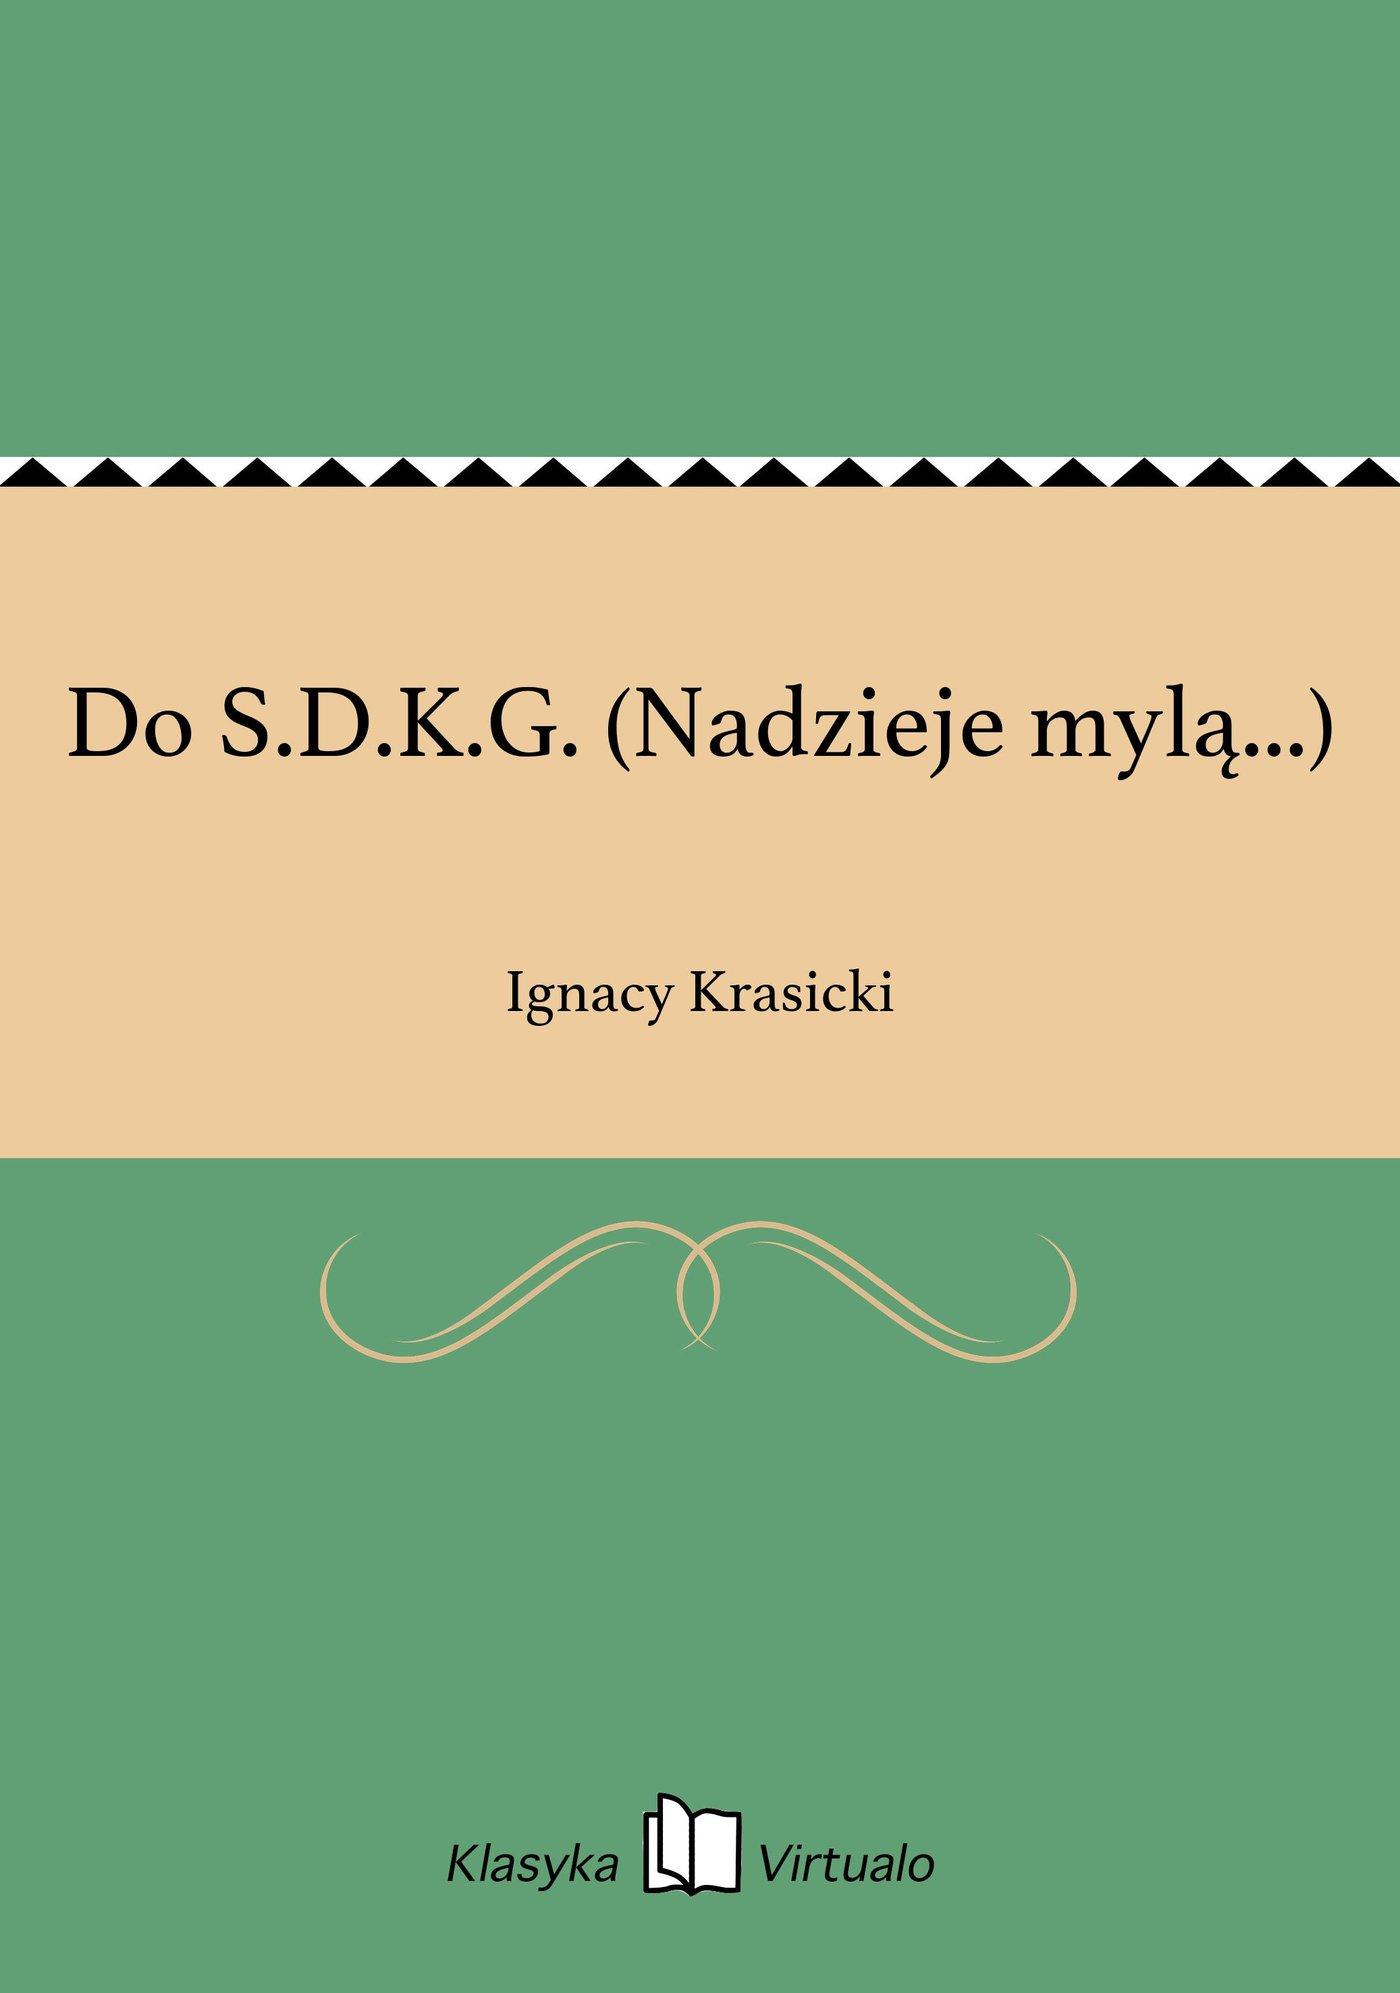 Do S.D.K.G. (Nadzieje mylą...) - Ebook (Książka EPUB) do pobrania w formacie EPUB